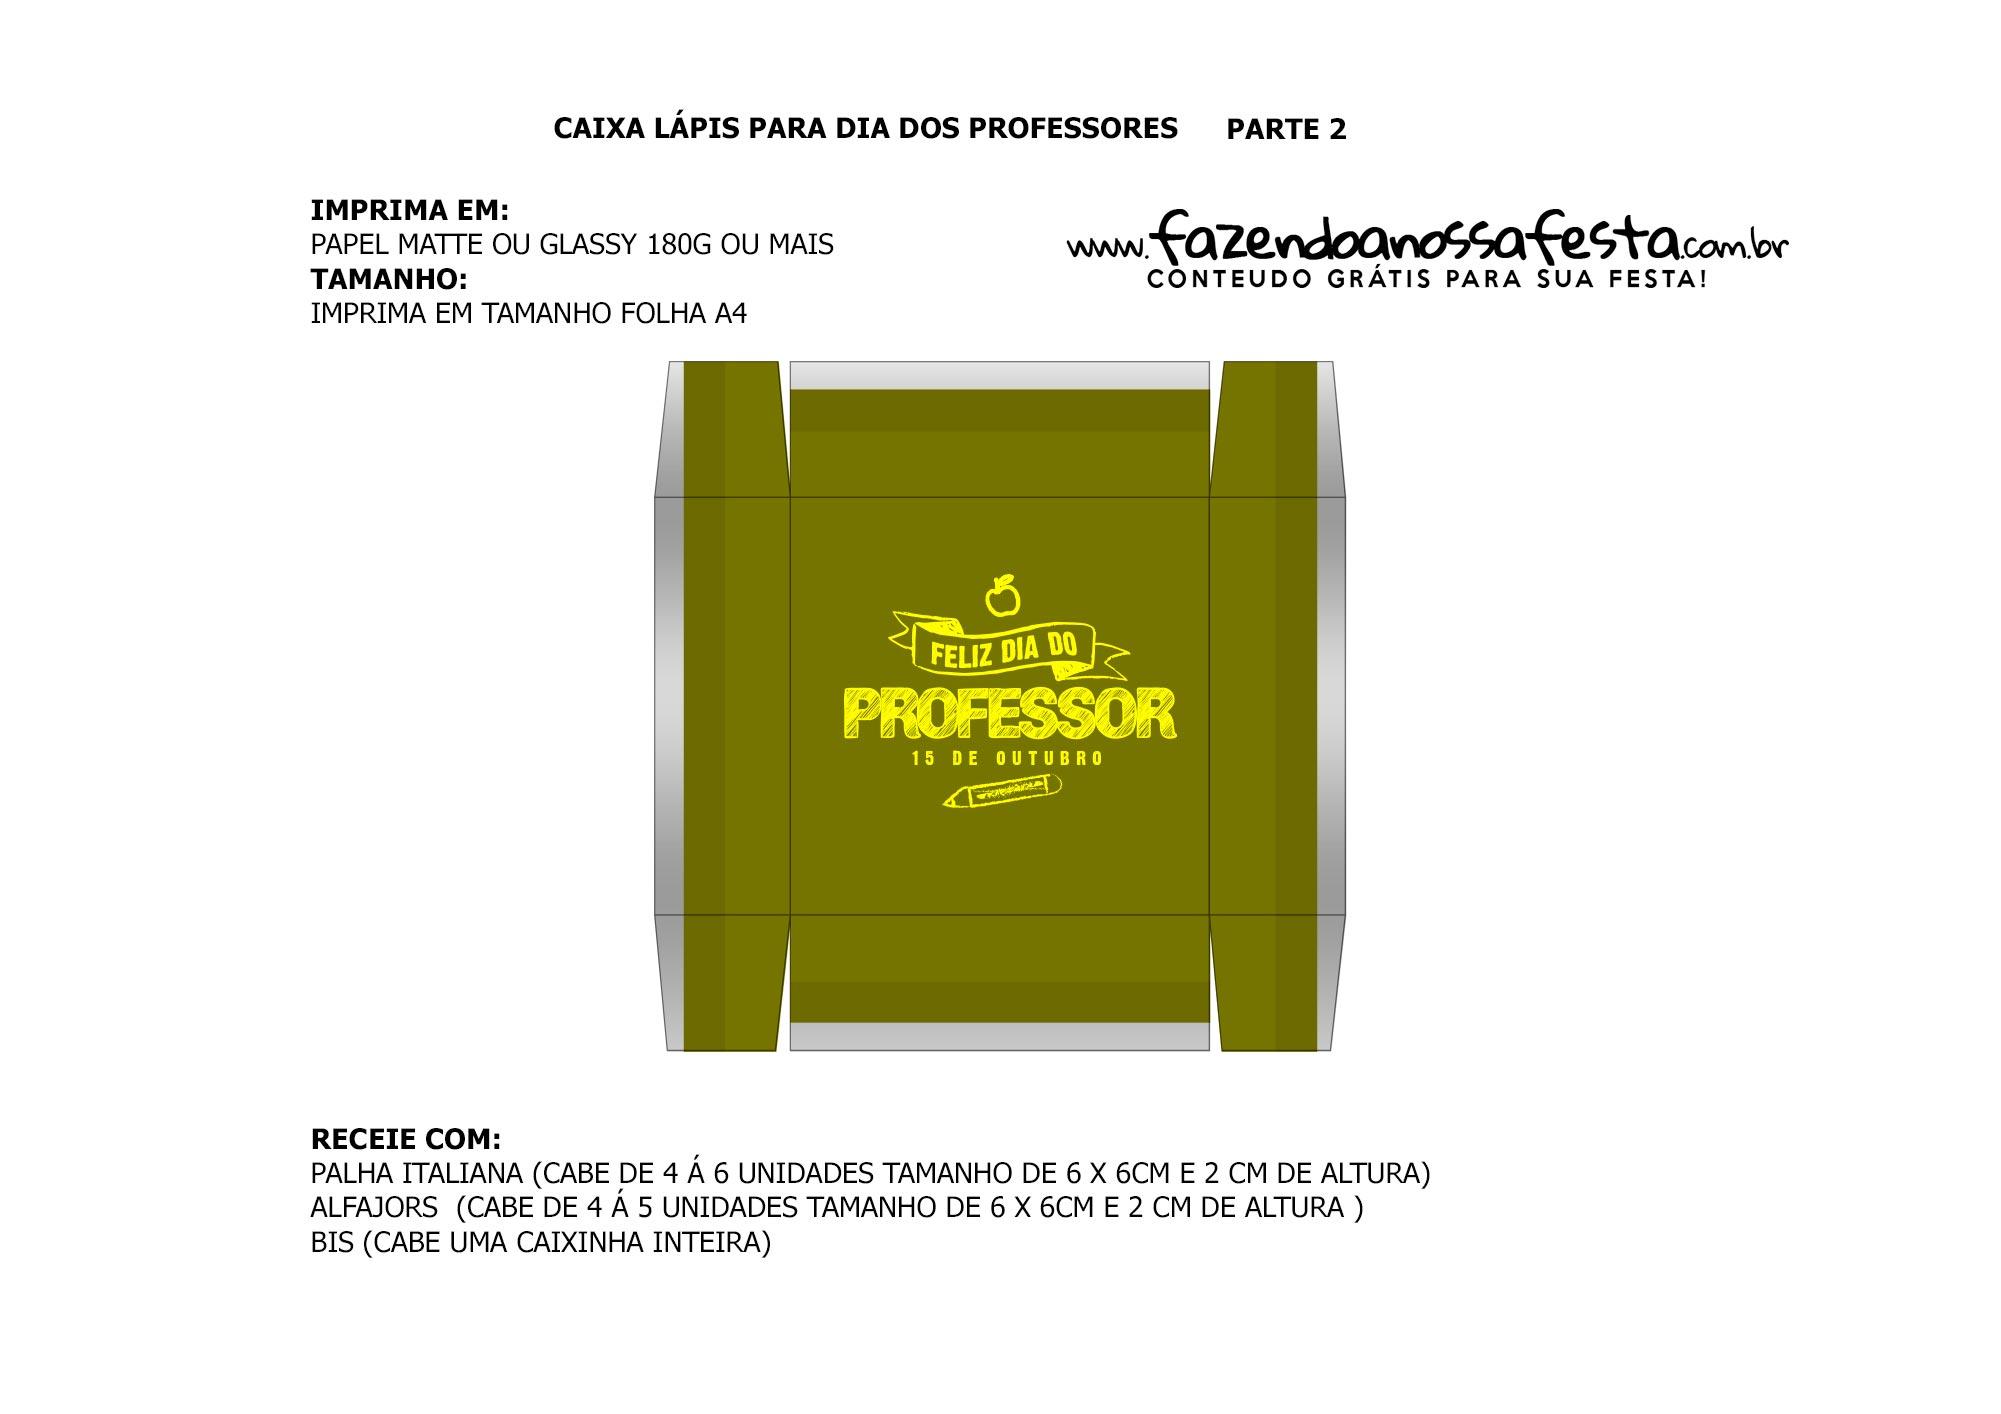 Parte de baixo verde Caixa Lapis Dia dos Professores